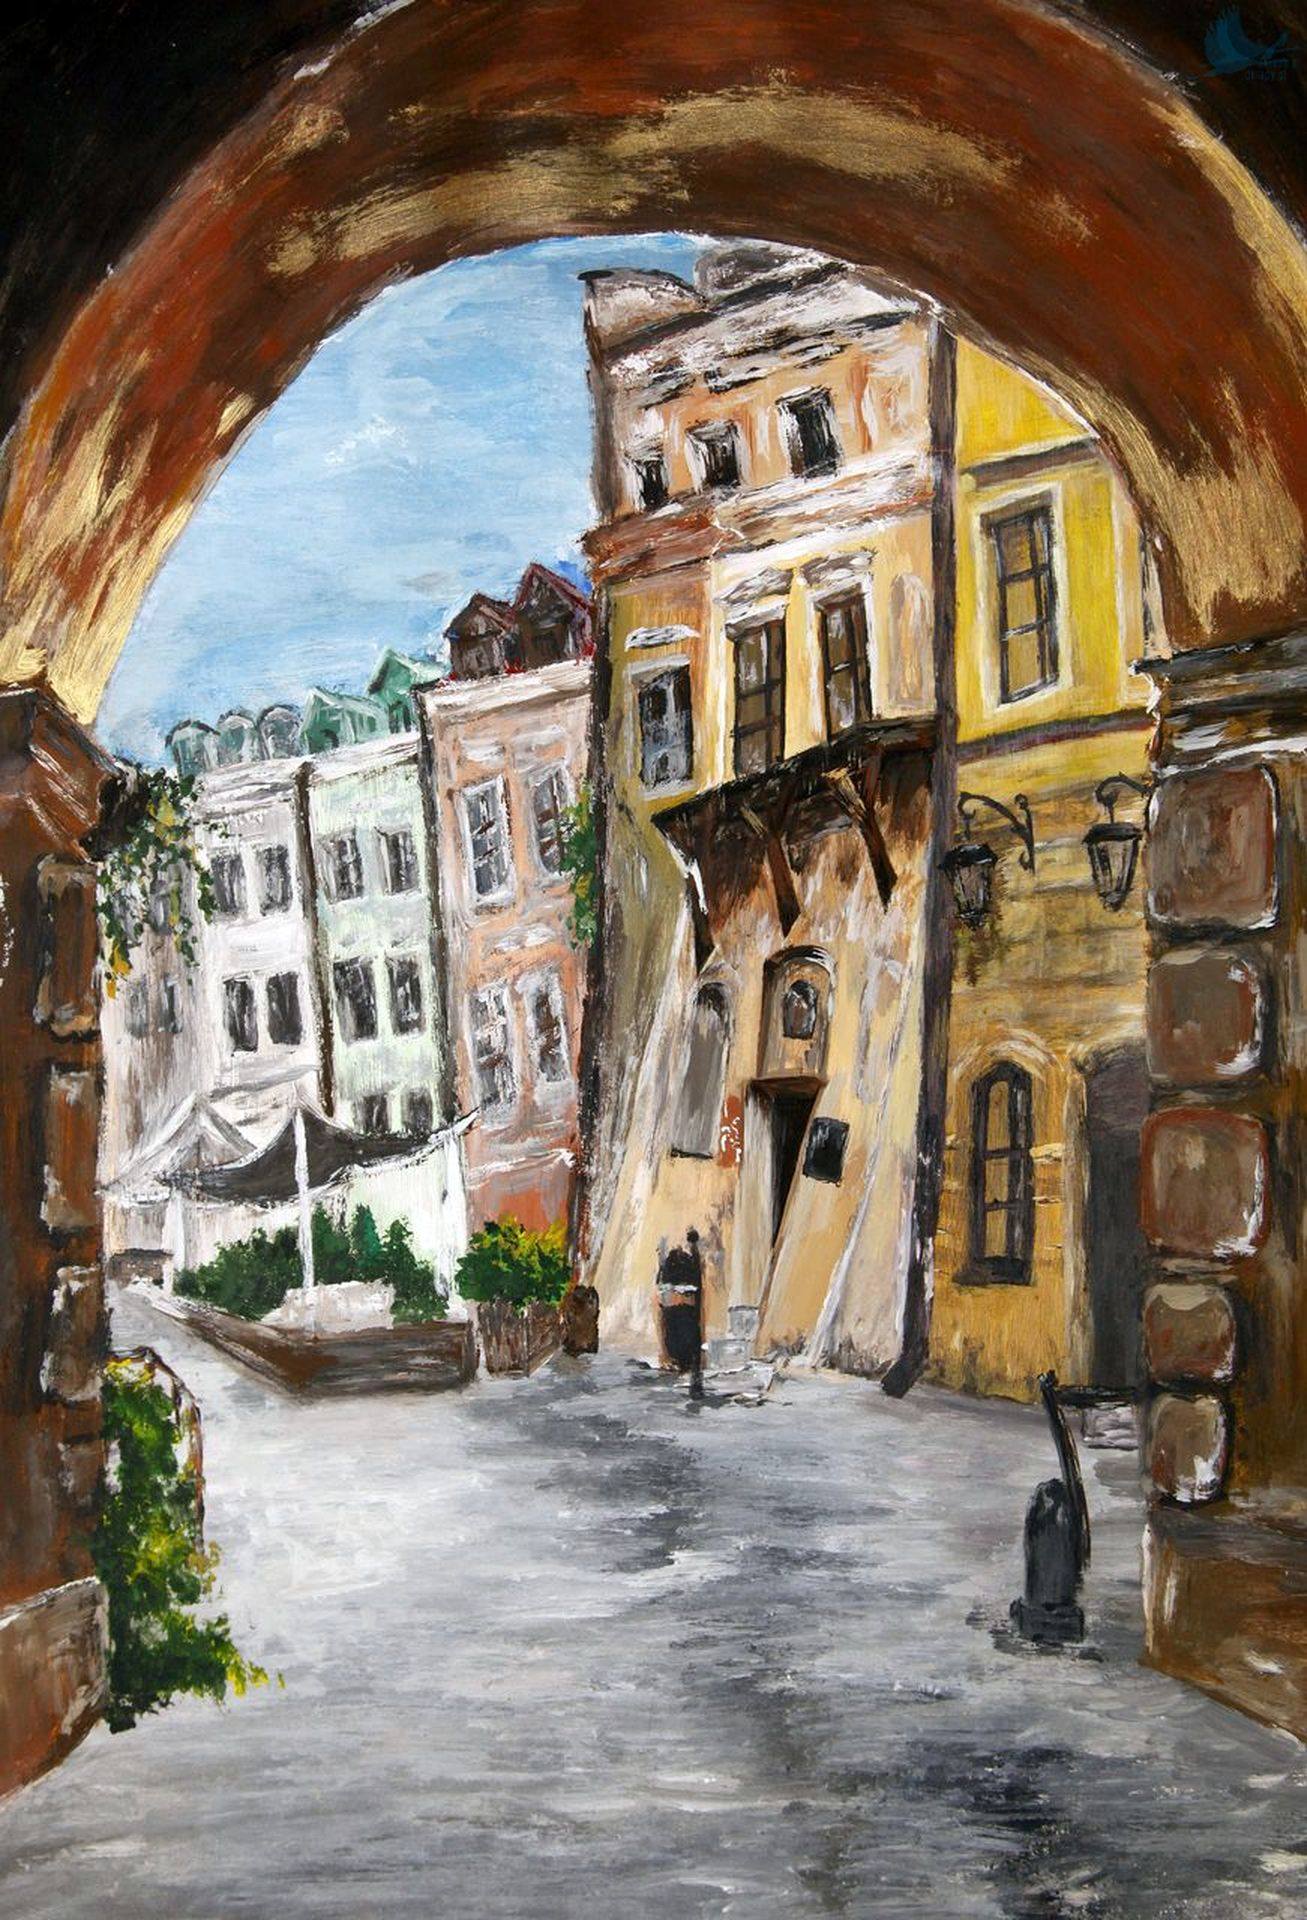 VII Międzynarodowy Konkurs Plastyczny Pejzaże Mistyczne– Architektura Lublina i okolic 2020